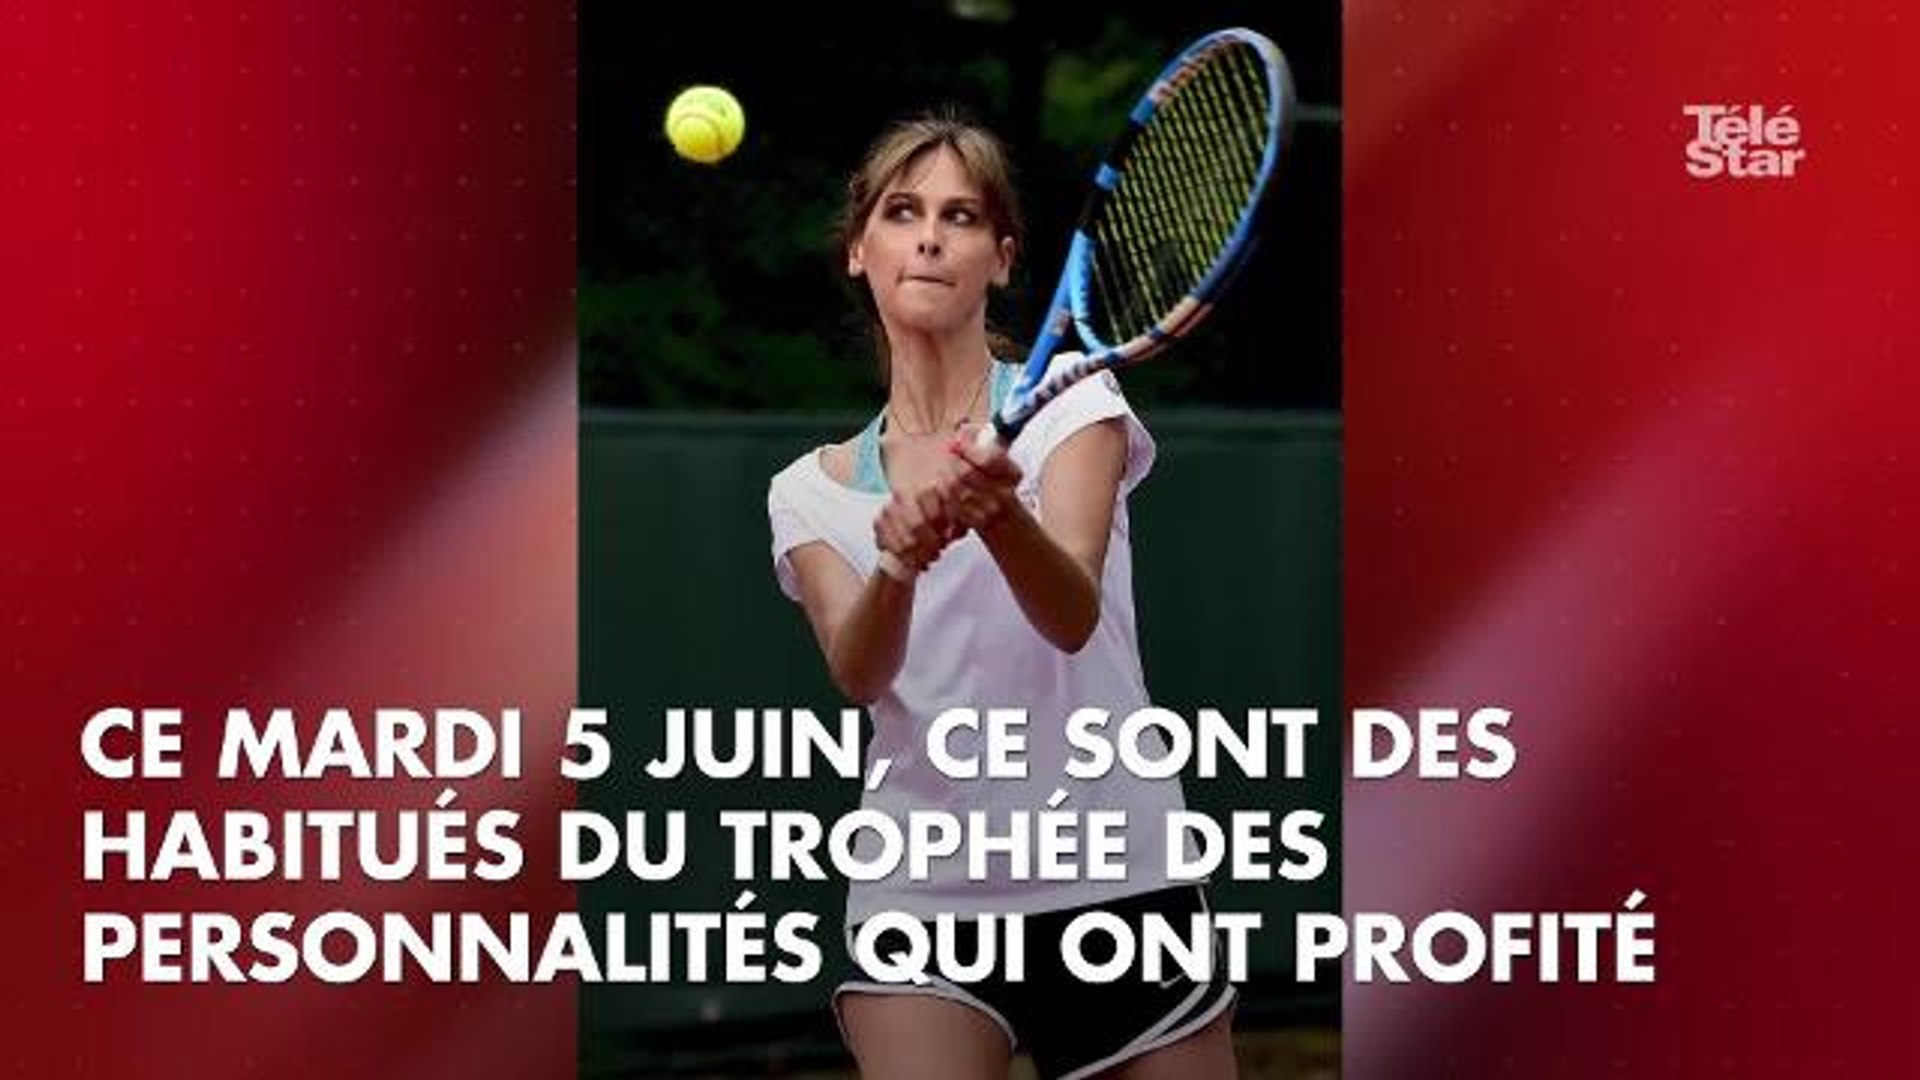 PHOTOS. Ophélie Meunier, PPDA, Laurent Maistret… Les people s'éclatent au Trophée des personnal